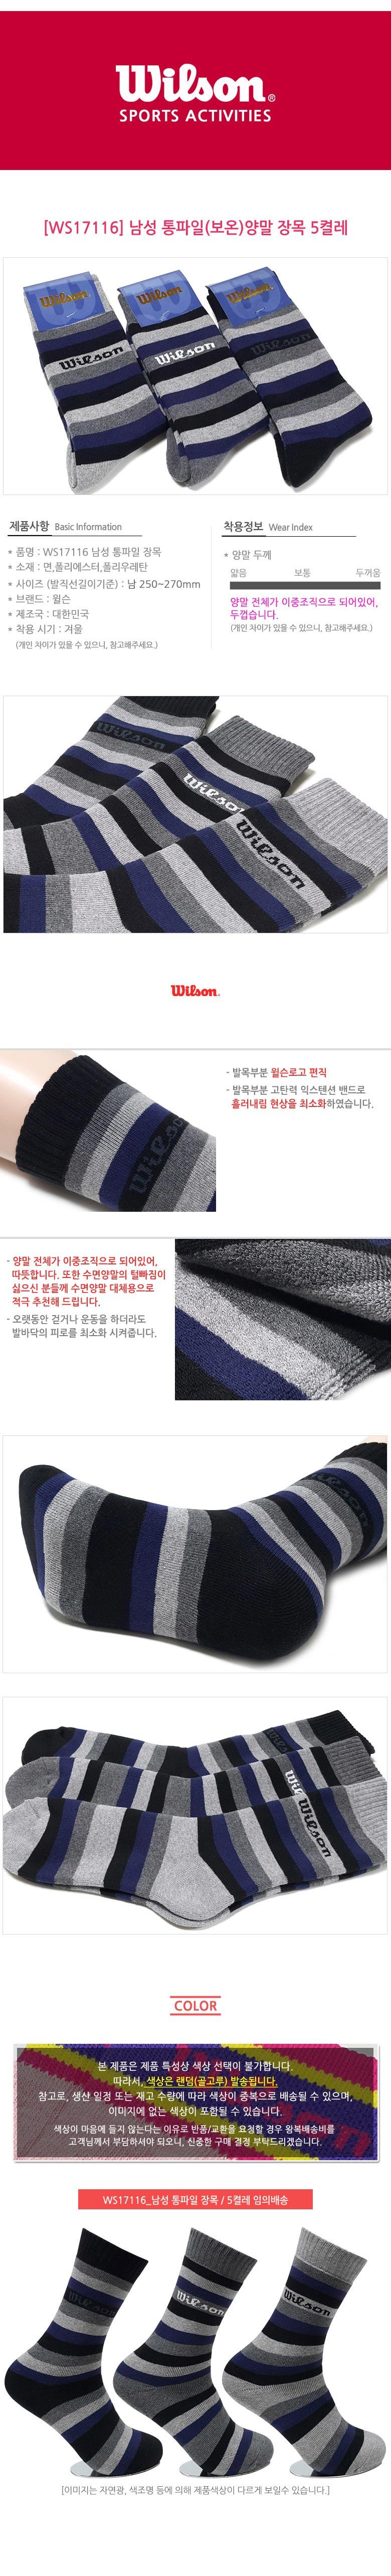 겨울용 남성통파일 보온양말 랜덤5켤레 CH1510703 - 익스트리모, 15,000원, 남성양말, 패션양말